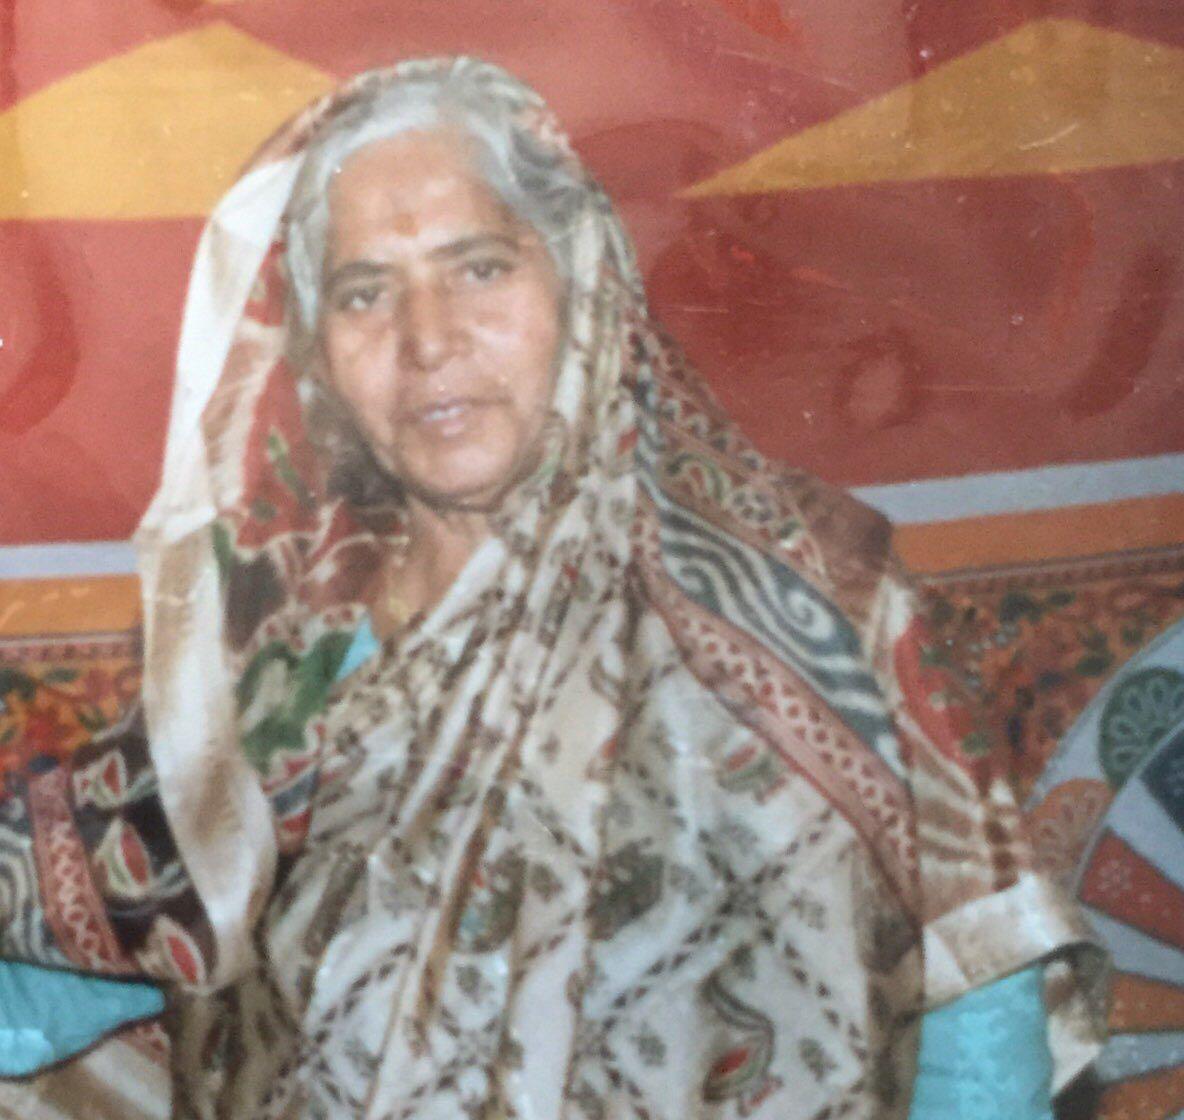 जानकी विवाह समारोह की आयोजक सावित्री देवी को किया शहरवासियों ने याद  भिवानी